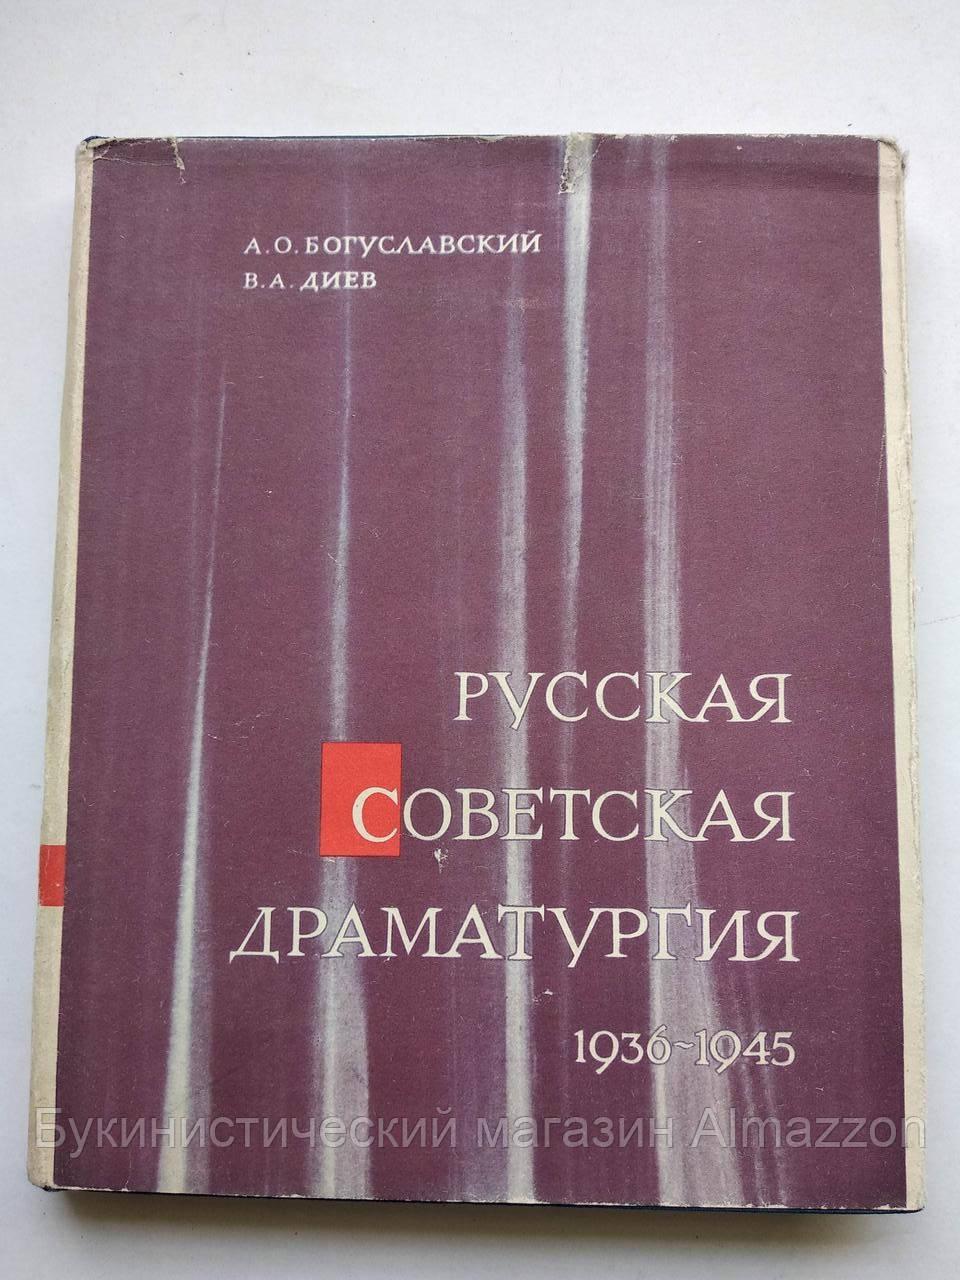 Російська радянська драматургія 1930-1945 рр .. А. О. Богуславський